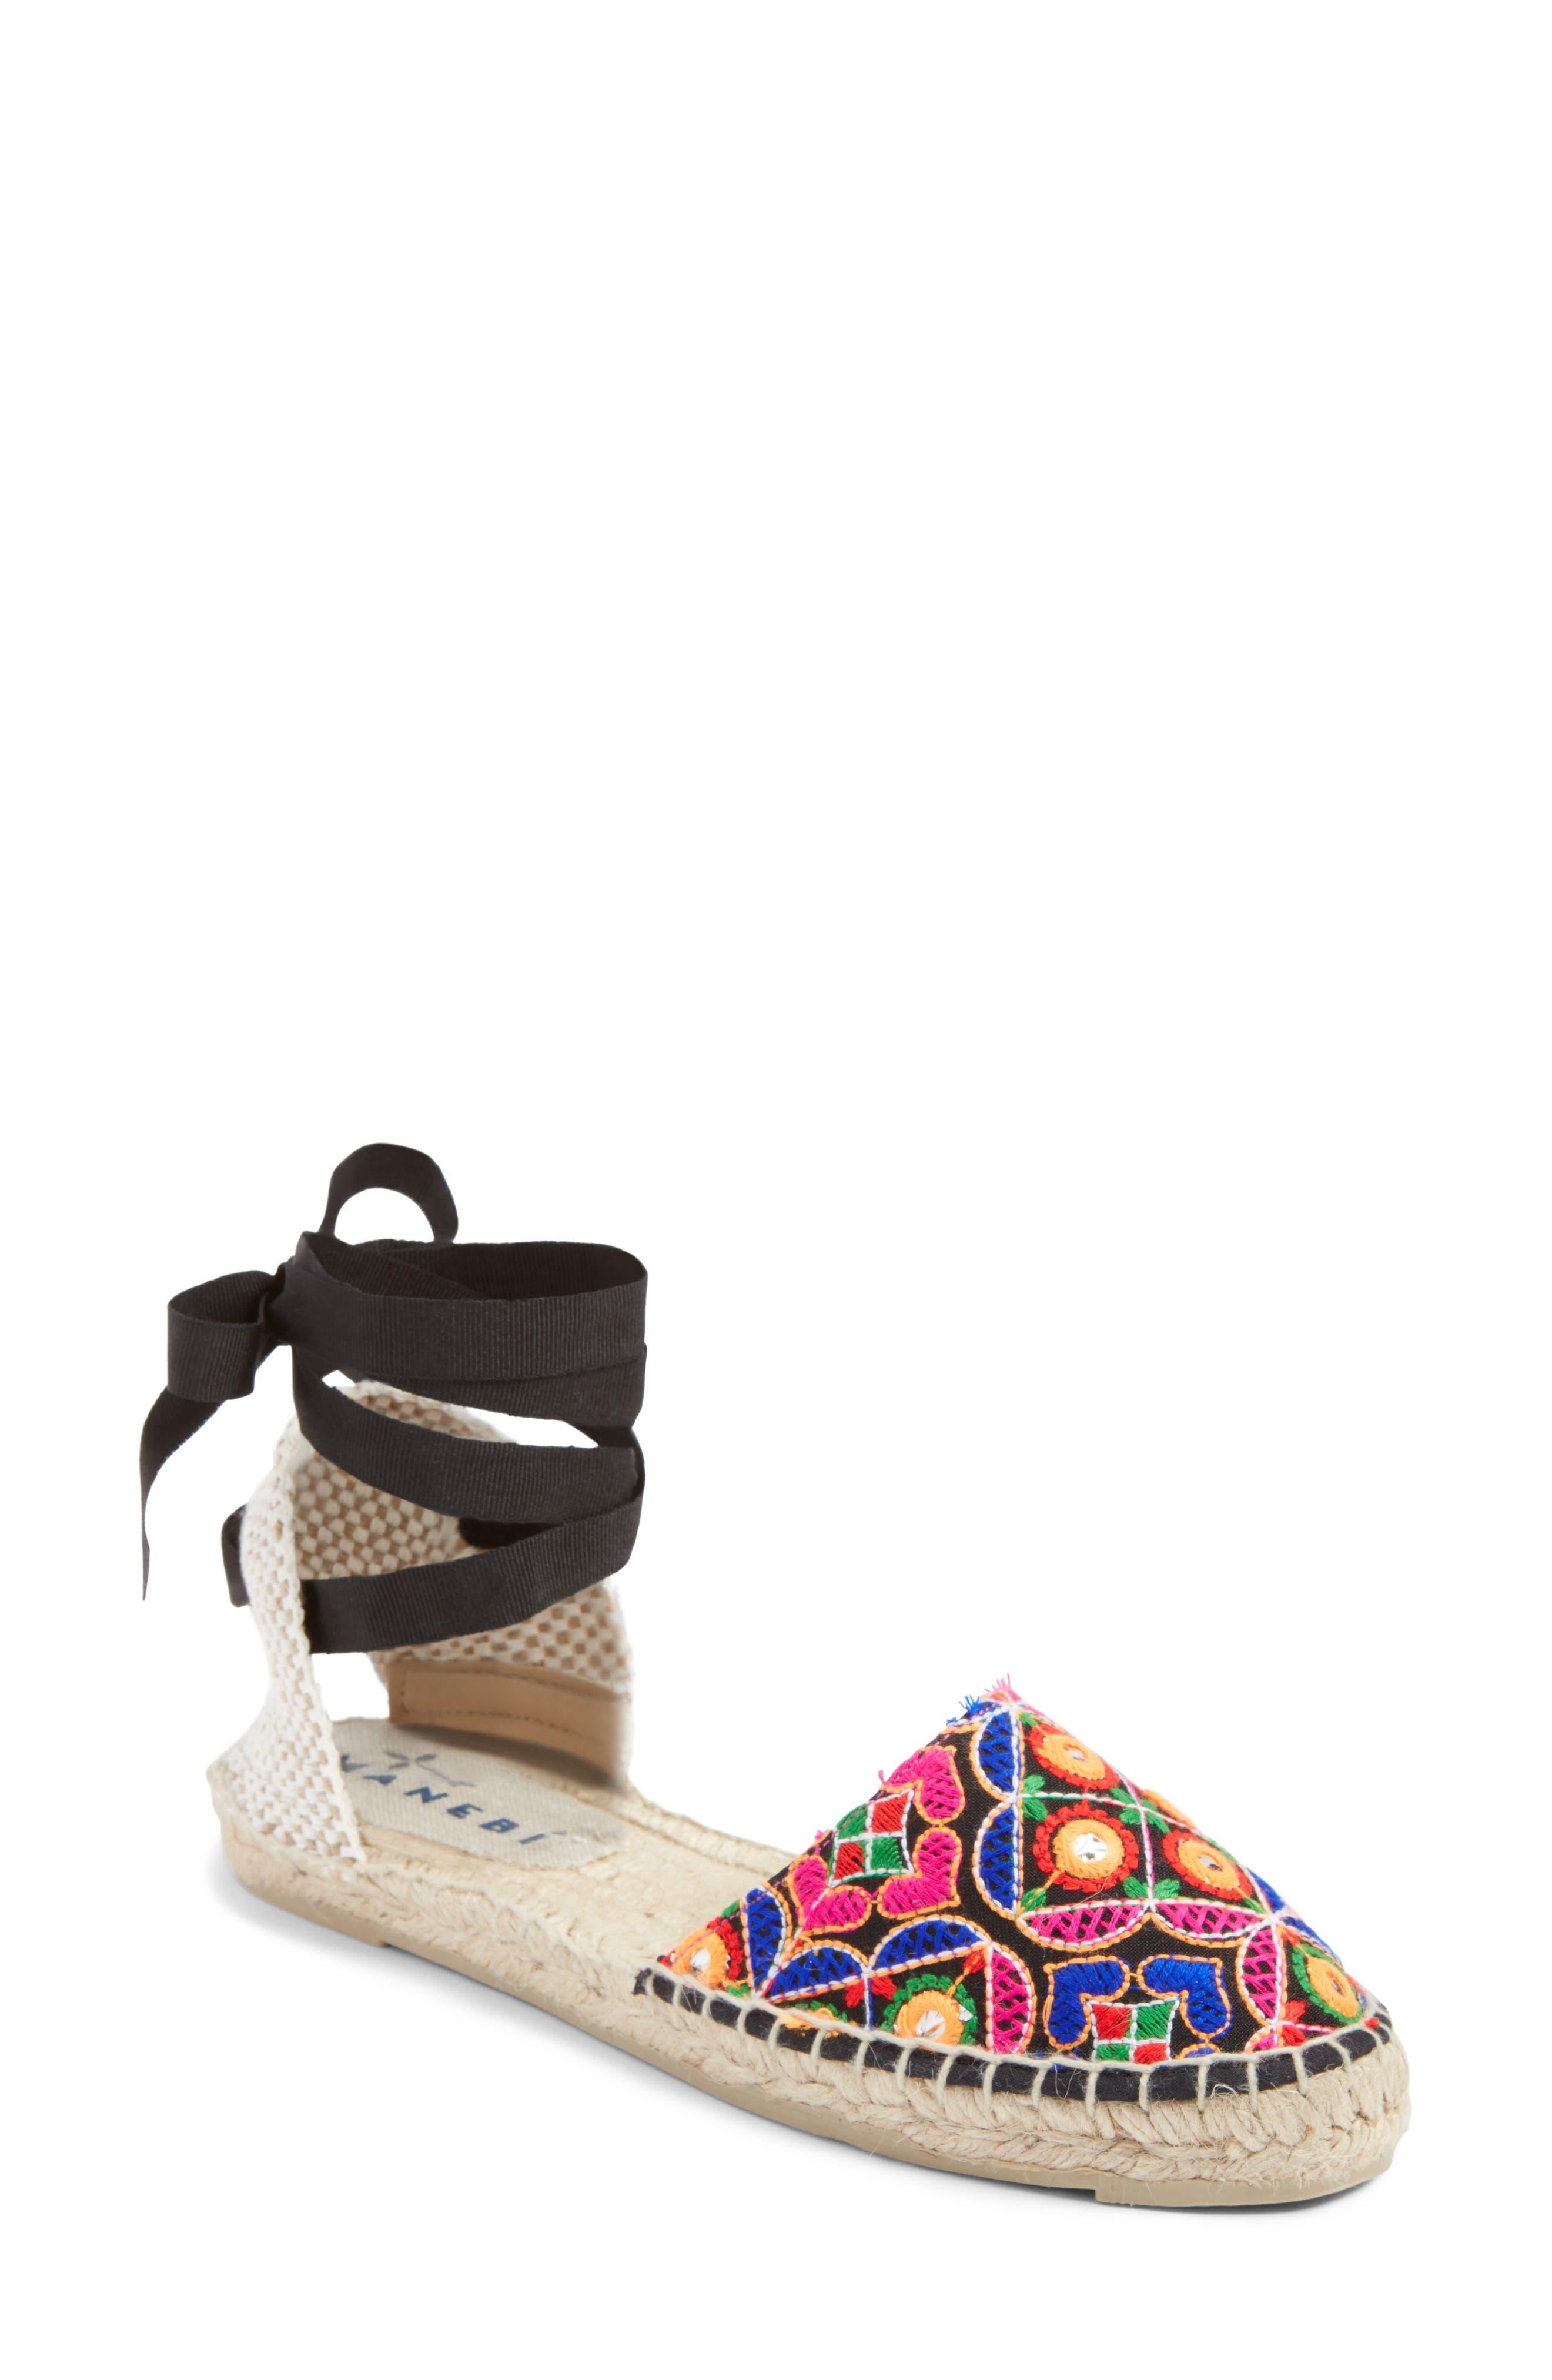 MANEBÍ Rajasthan Espadrille Sandal,                         Main,                         color, 600